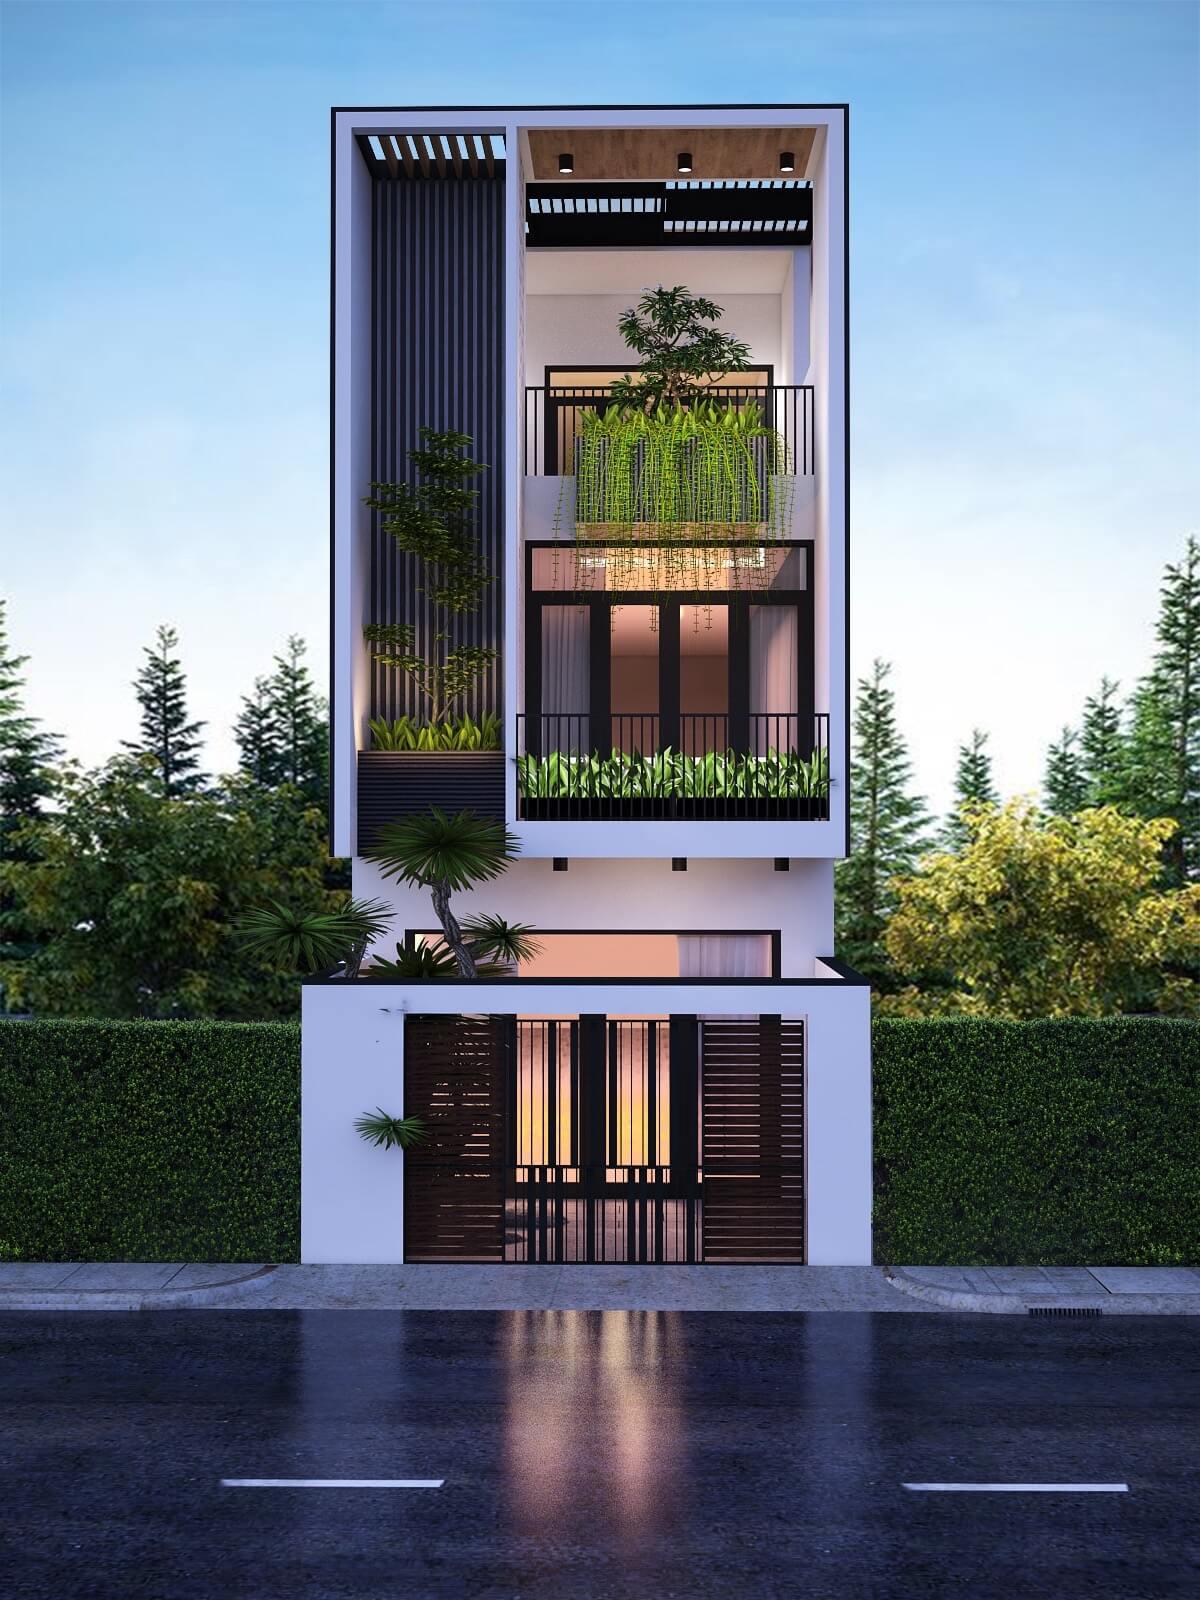 thiết kế mẫu nhà phố 3 tầng hiện đại gần gũi với thiên nhiên 2